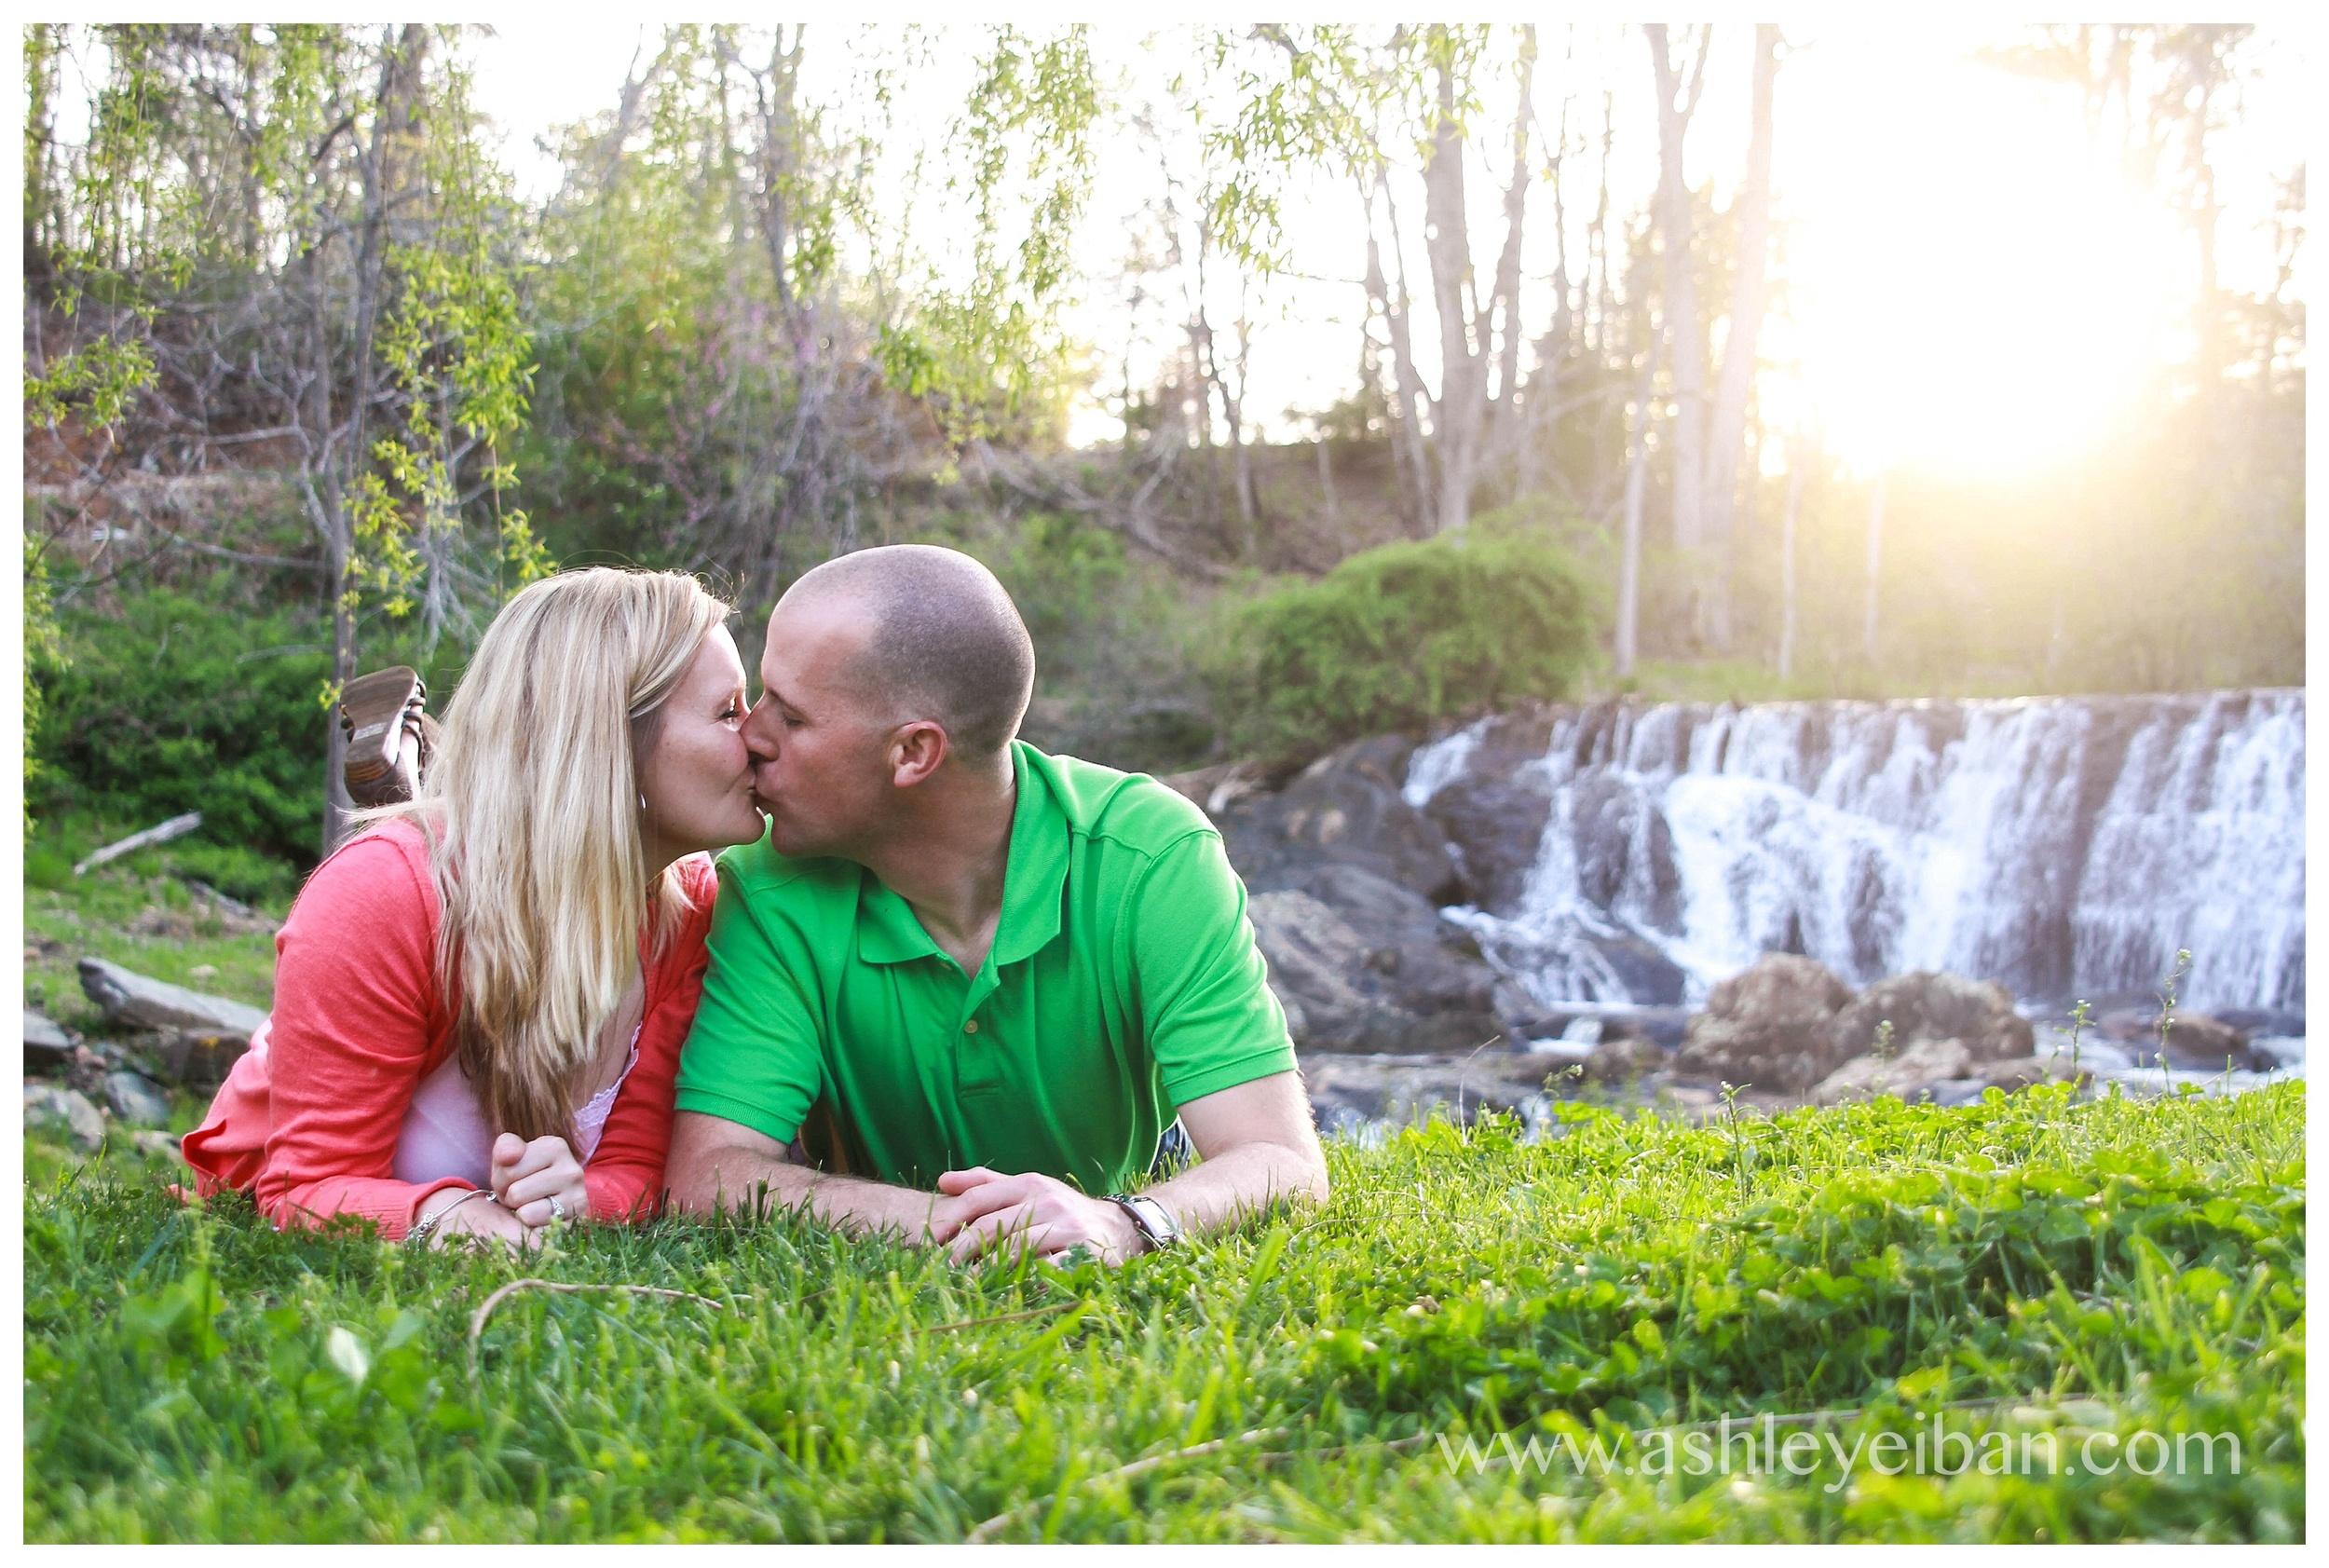 wedding photography in lynchburg, virginia // www.ashleyeiban.com // Ashley Eiban Photography